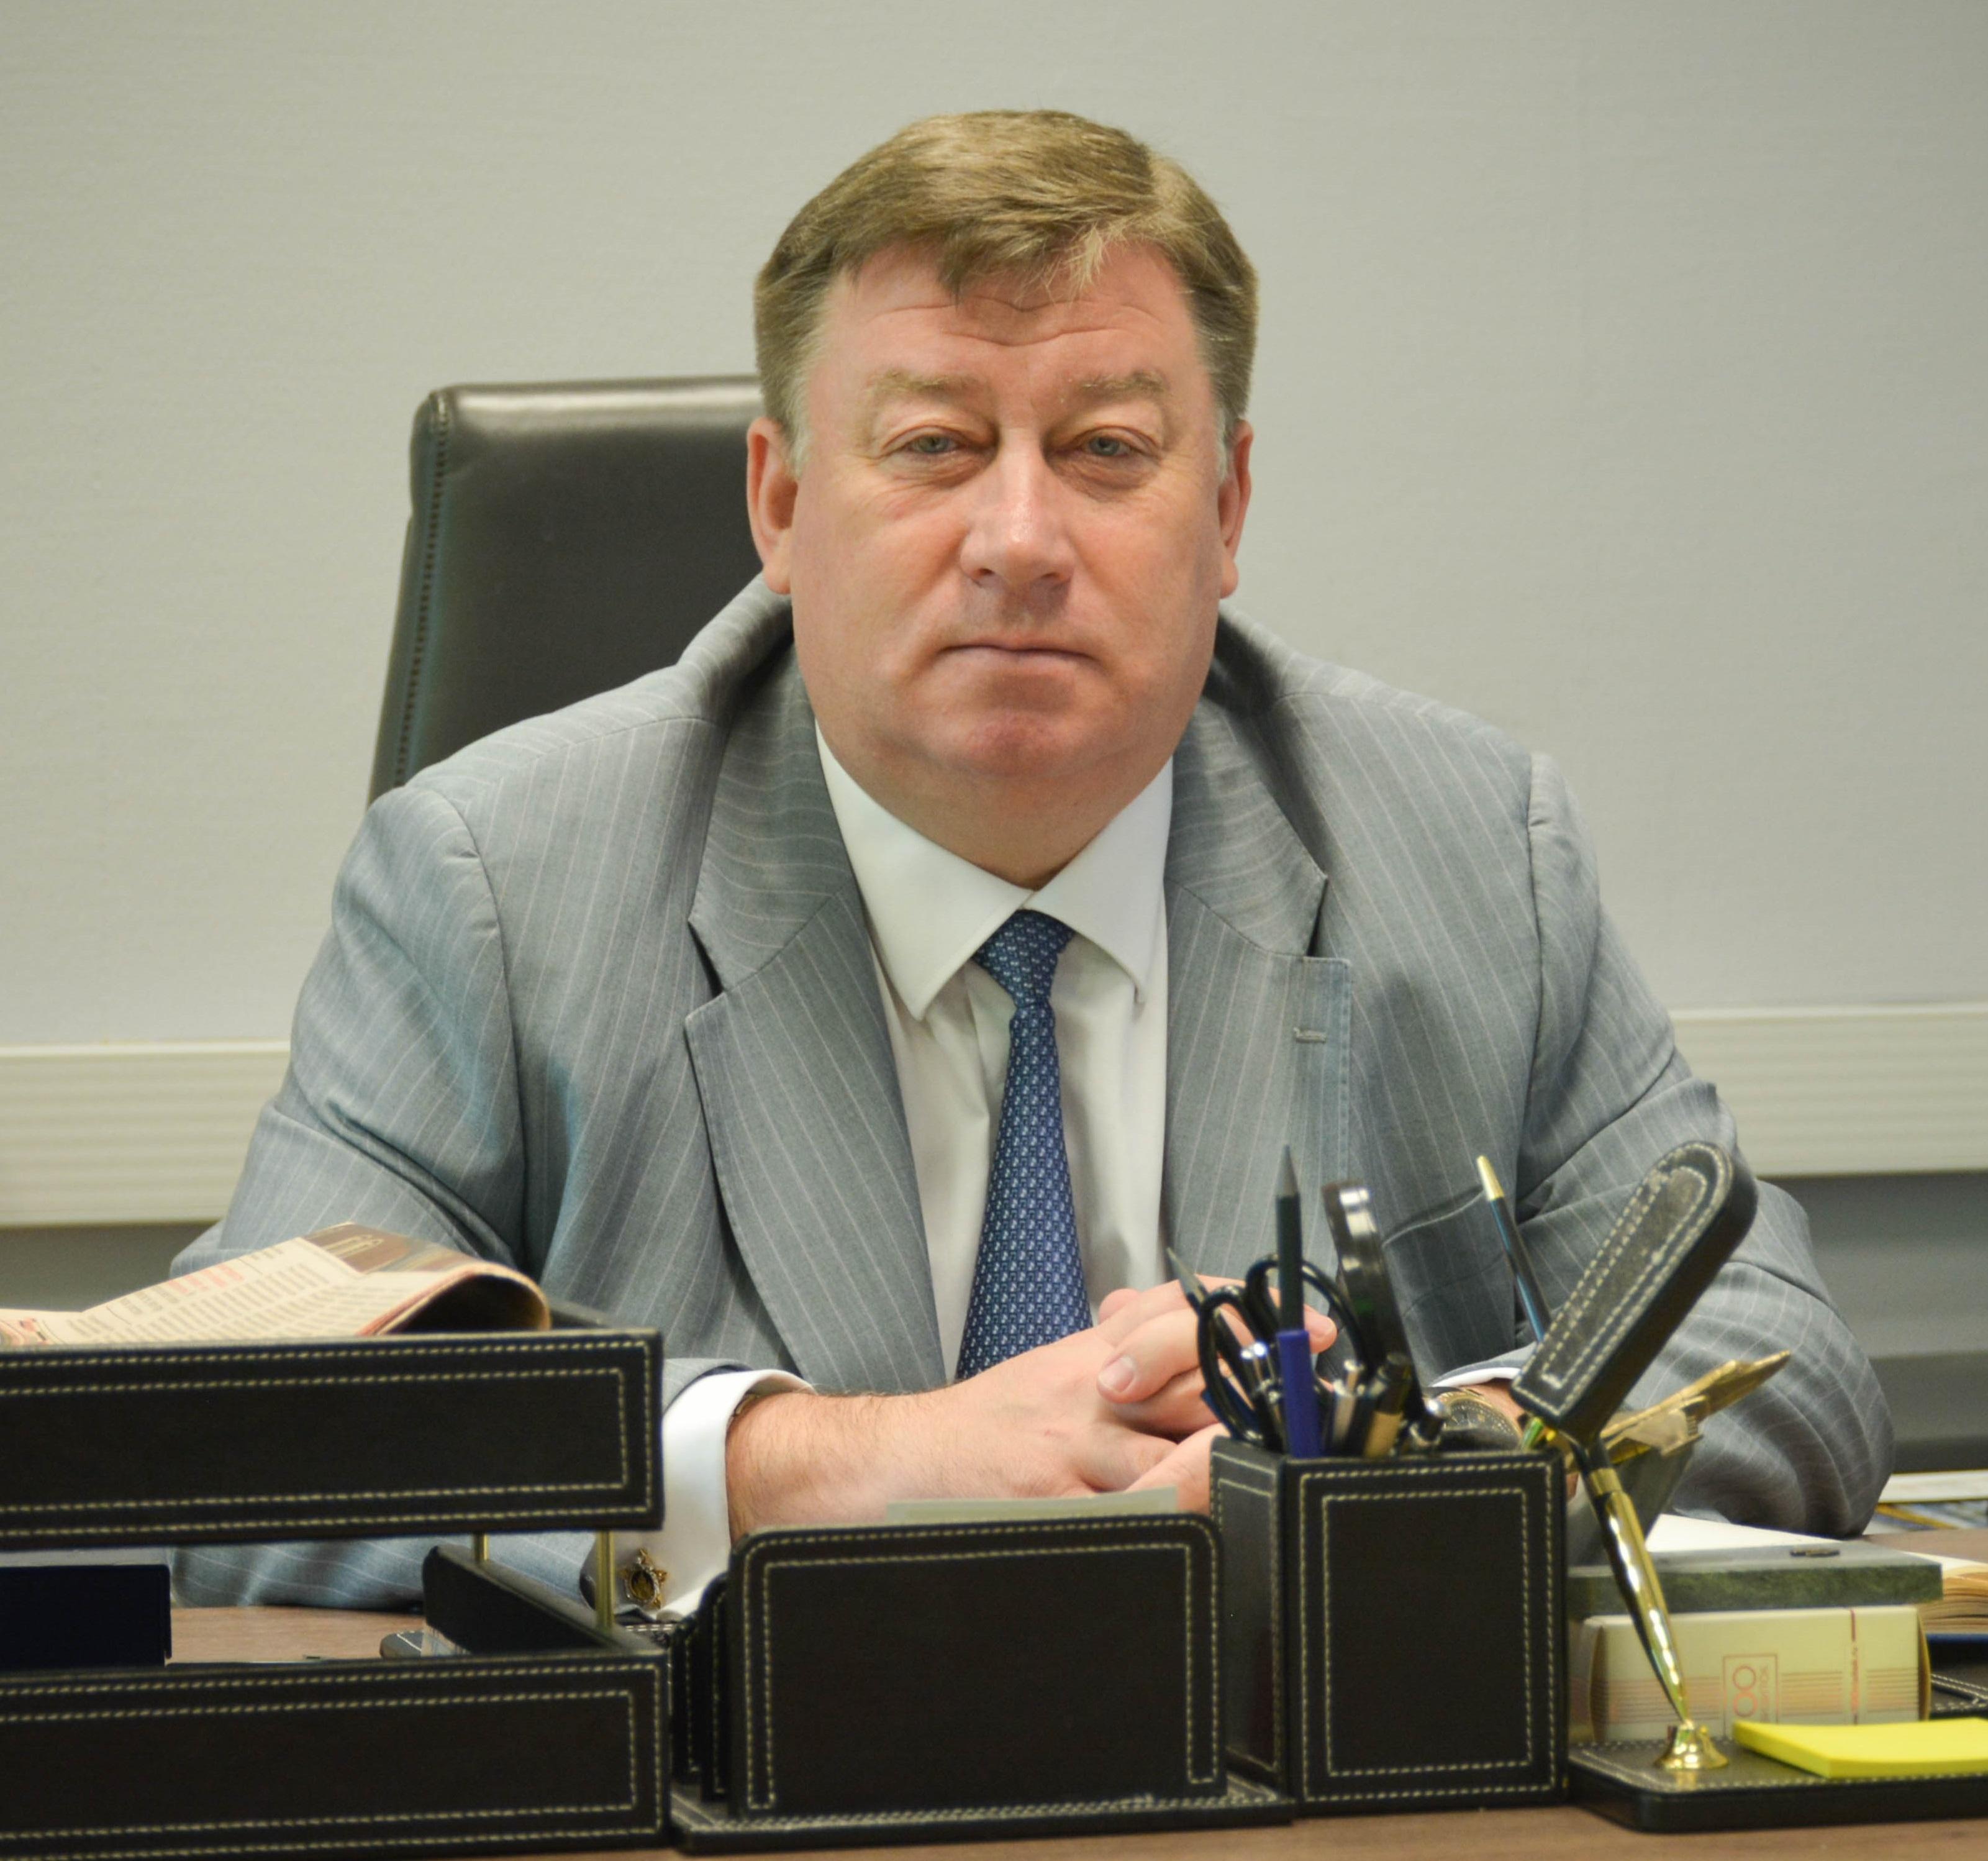 Транспортная безопасность в аэропорту Внуково: планы, системы, законы